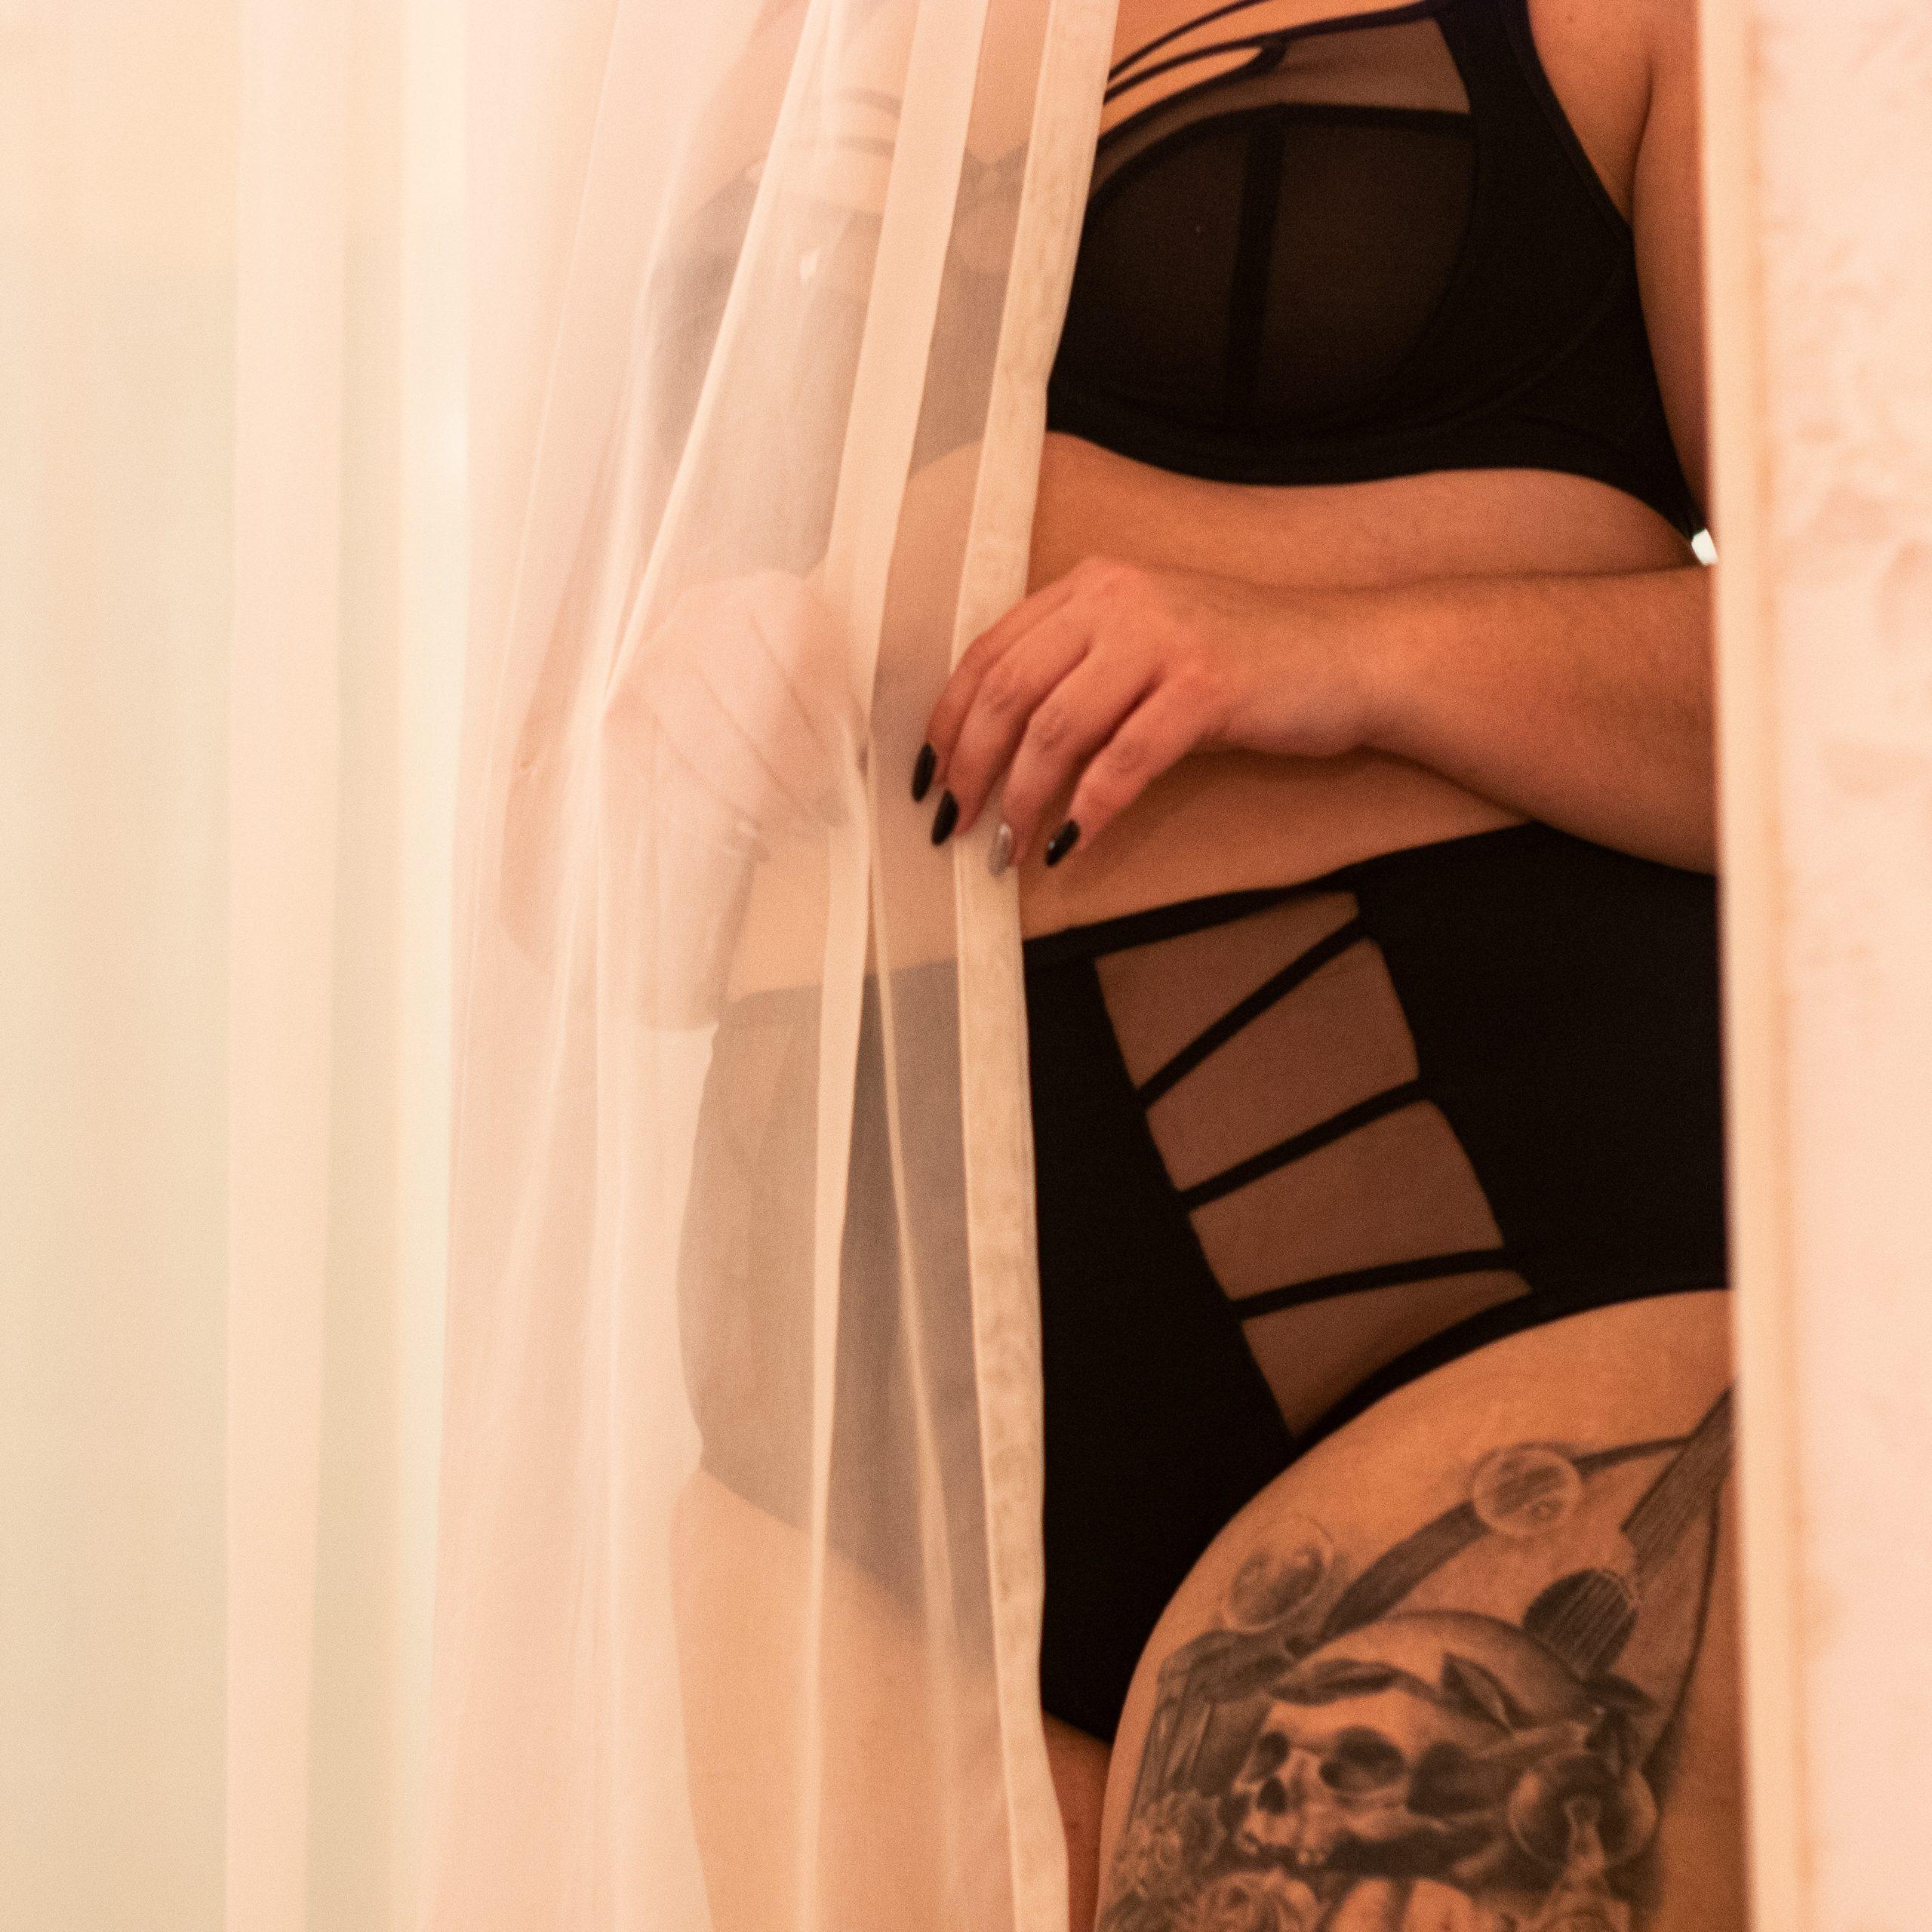 avis-sachi-elomi-toutes-les-poitrines-blog-lingerie-plus-size-rideaux